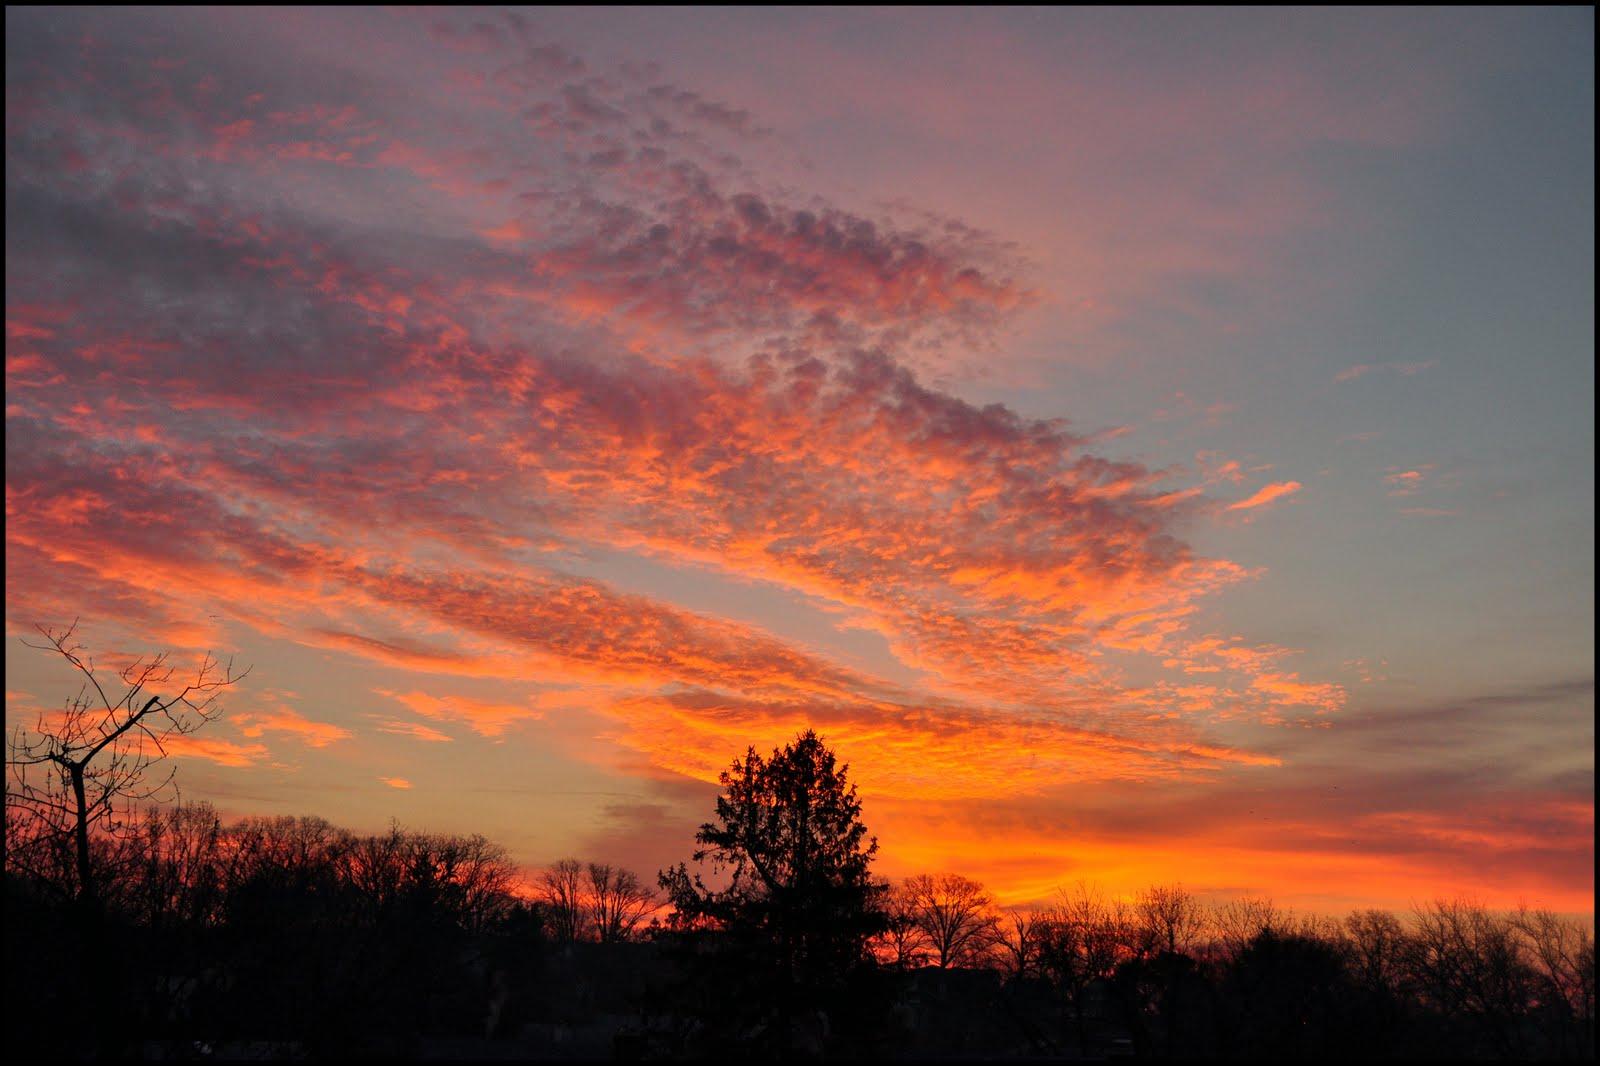 sunrise%2B1-1-11.jpg